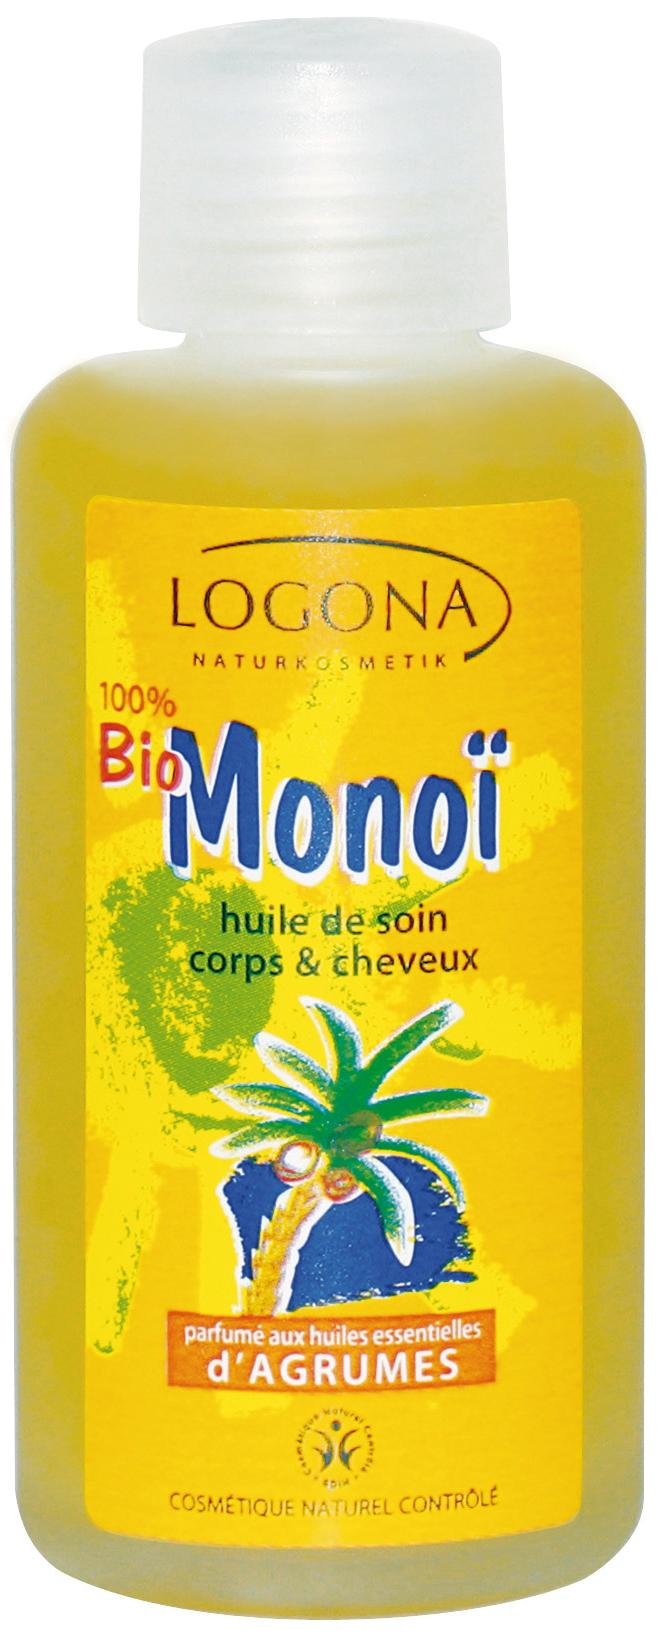 logona mono bio parfum d 39 agrume huile de soin corps cheveux 100 ml boutique bio. Black Bedroom Furniture Sets. Home Design Ideas